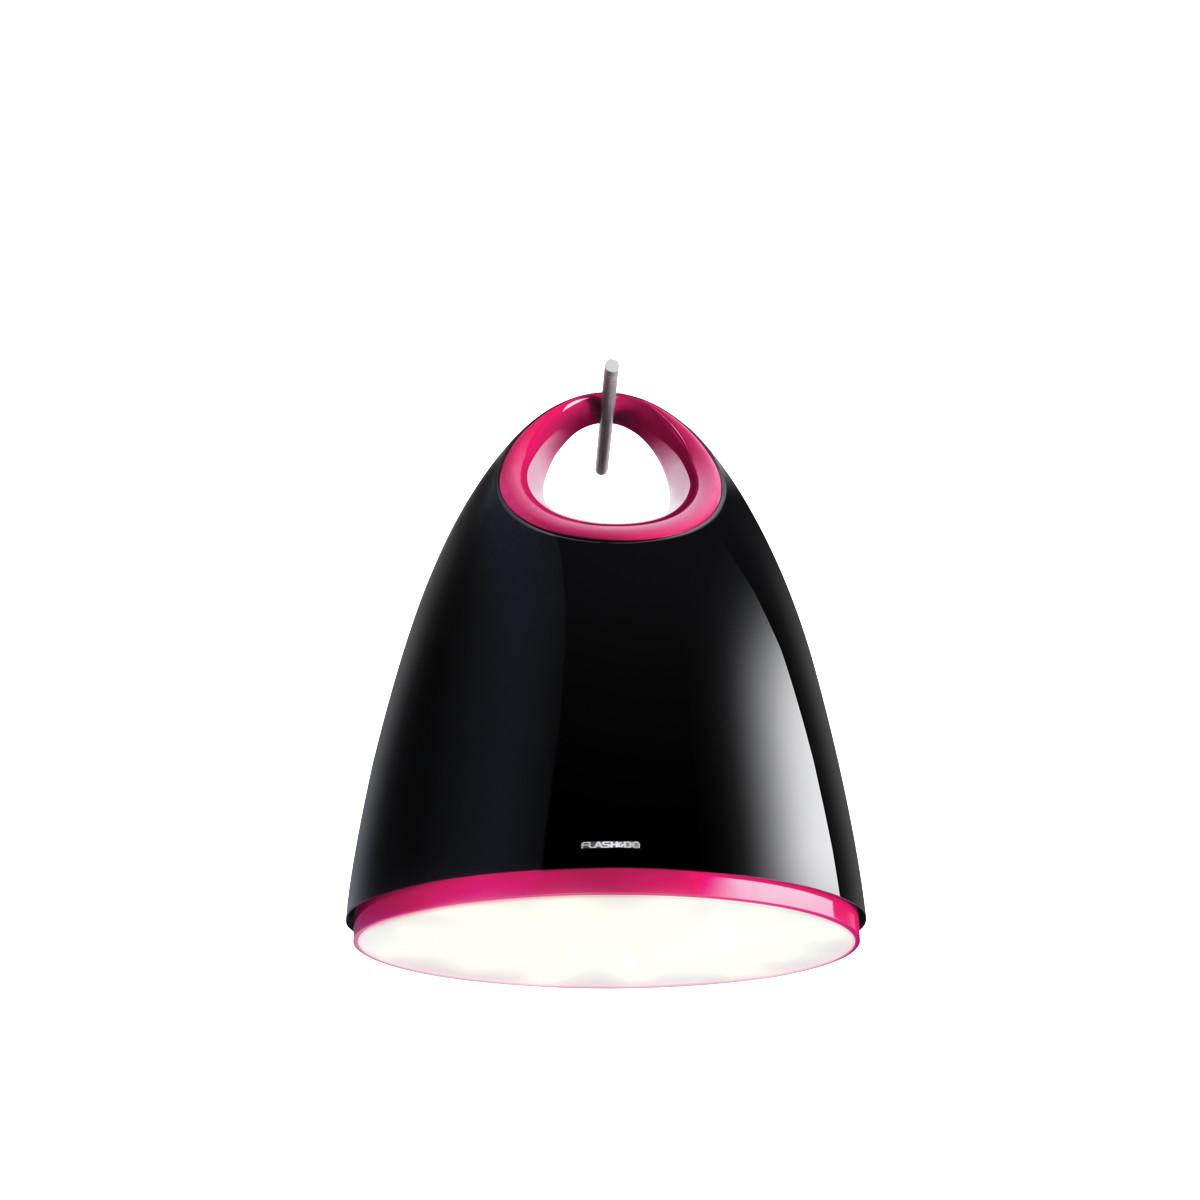 LUG HB886 12850lm/840 Dali IP20 nedhængt mikroprismatisk sort/lyserød